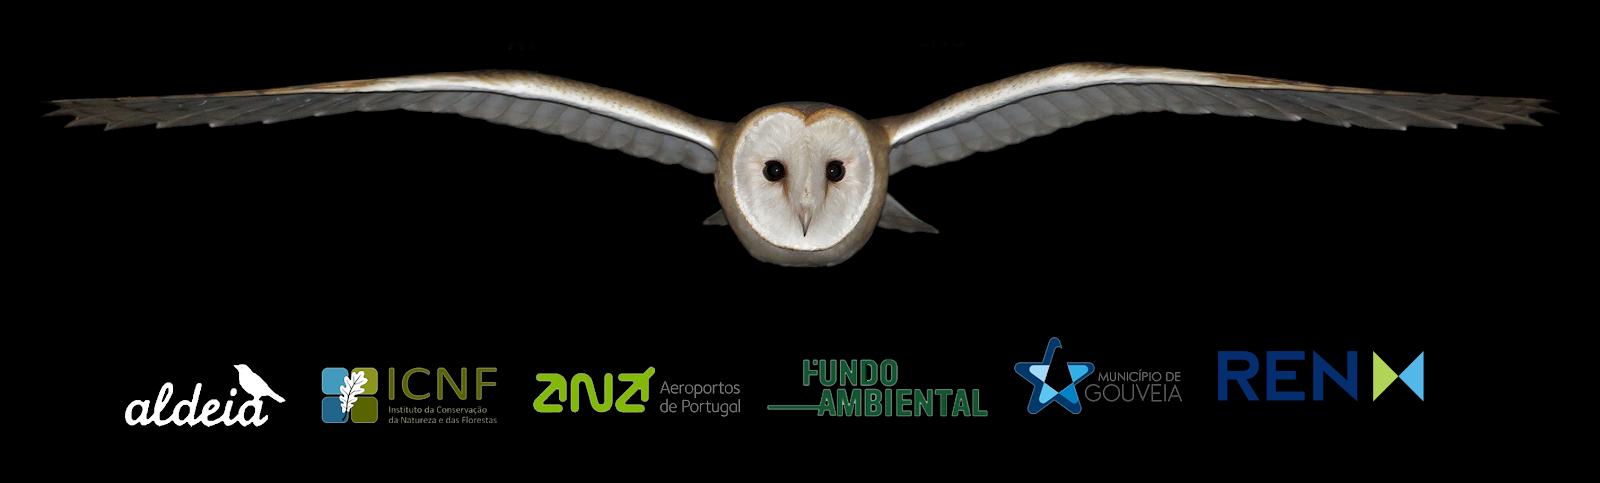 CERVAS-Centro de Ecologia,Recuperação e Vigilância de Animais Selvagens